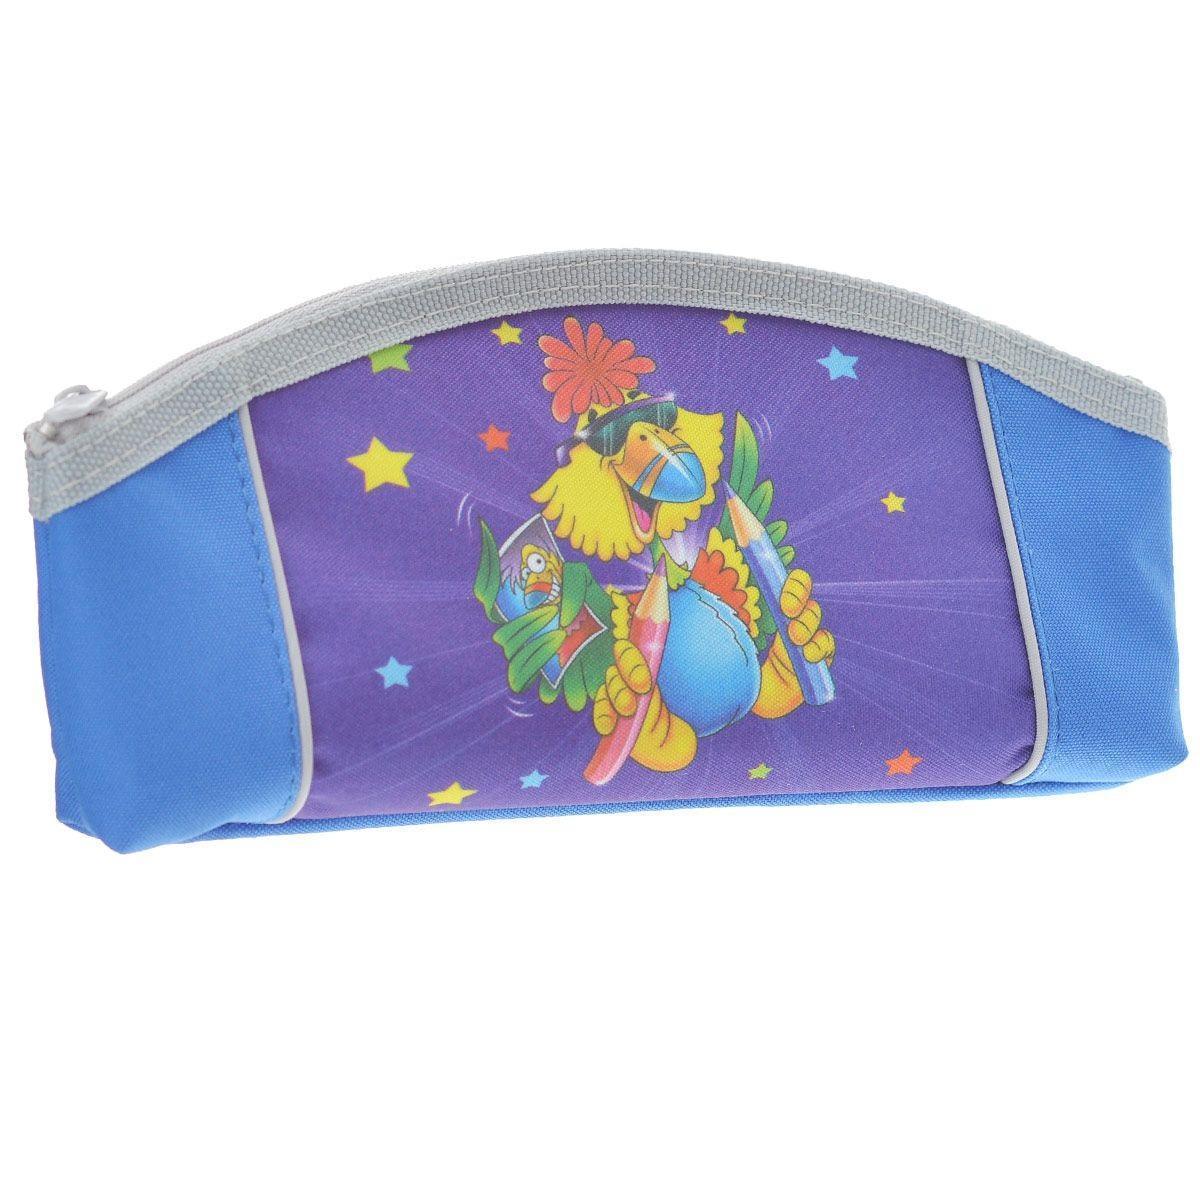 Пенал на молнии JOYFUL BIRDIE,1 отделение, без наполнения, цвет: сине-фиолетовый2921/TGУдобный пенал для школьных канцелярских принадлежностей. Имеет одно отделение и надежную застежку-молнию. Яркий красочный дизайн. Отличное сочетание цены и качества - именно то что вам нужно.